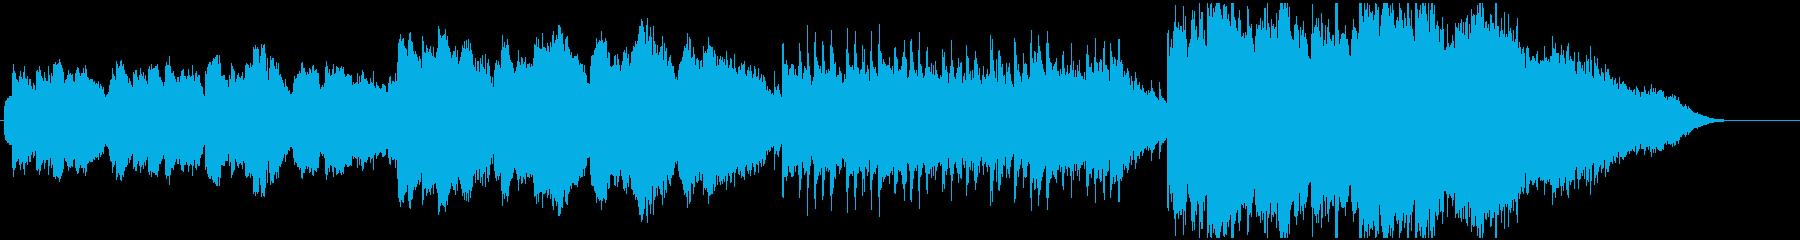 清らかで透明感のあるBGMの再生済みの波形